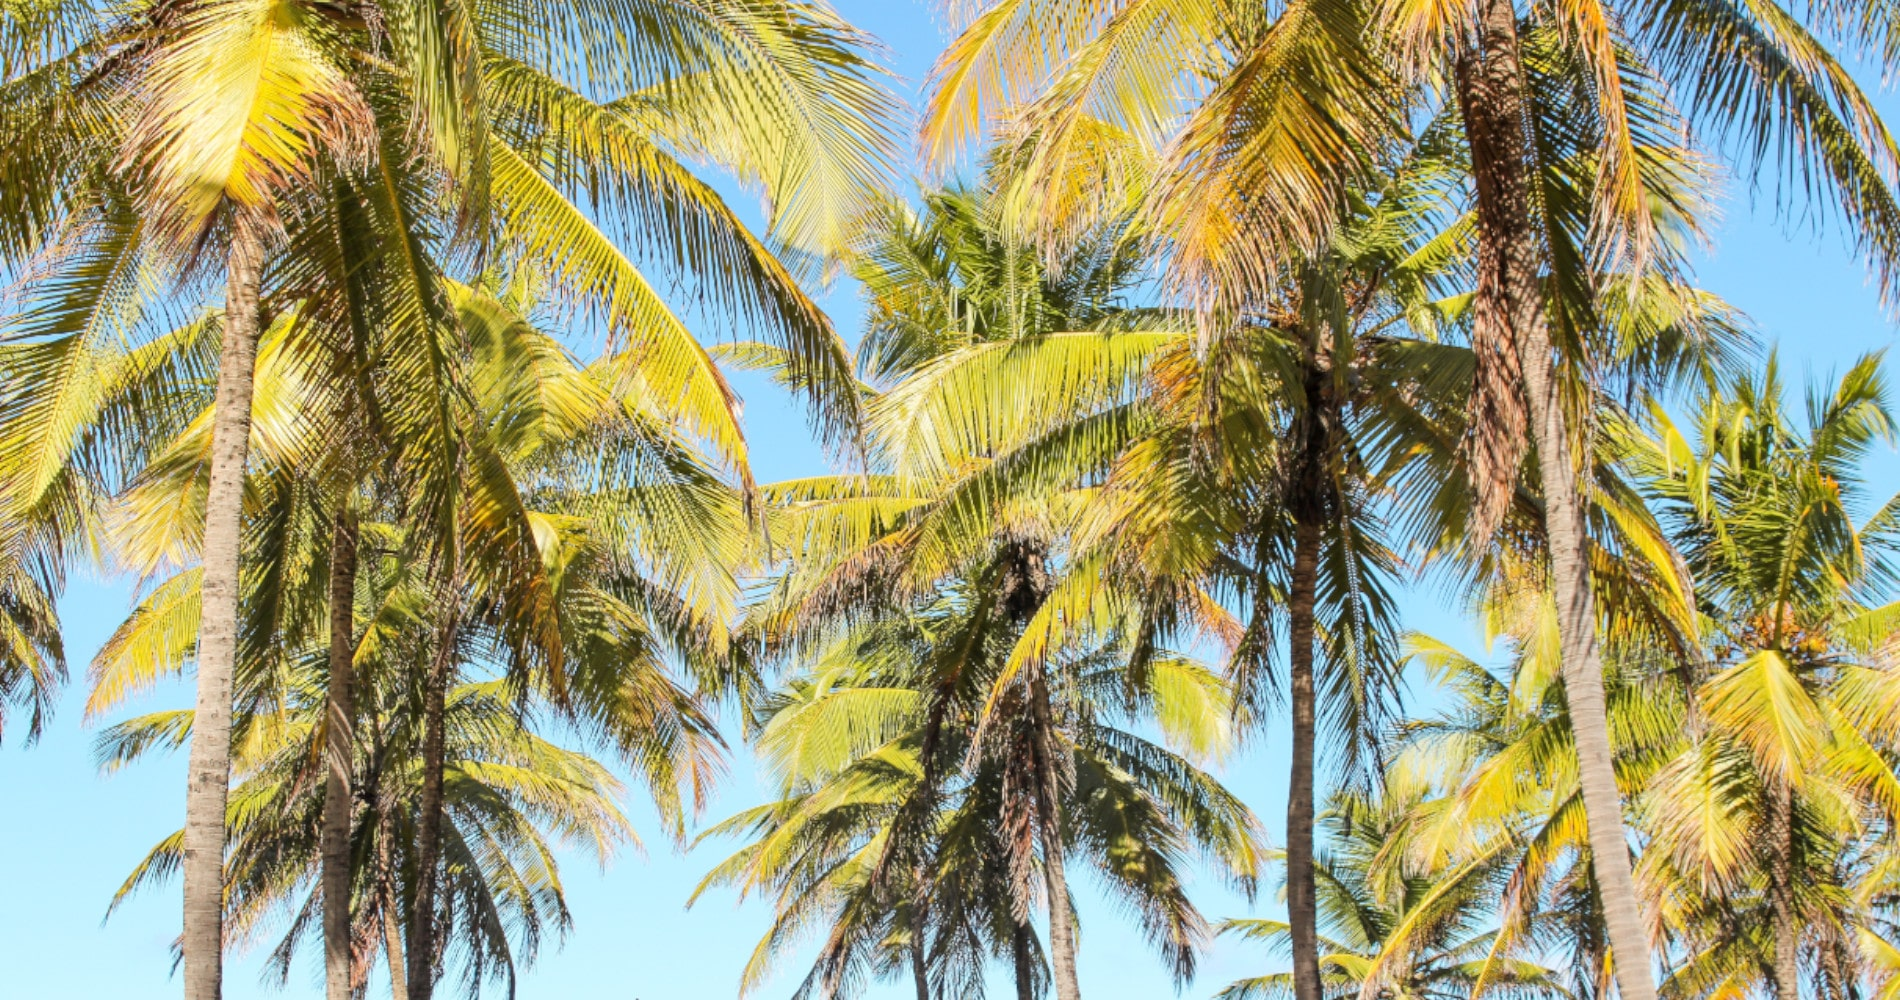 TierraLatina-Brésil-Plage-Palmier-Soleil-Vacances-Été